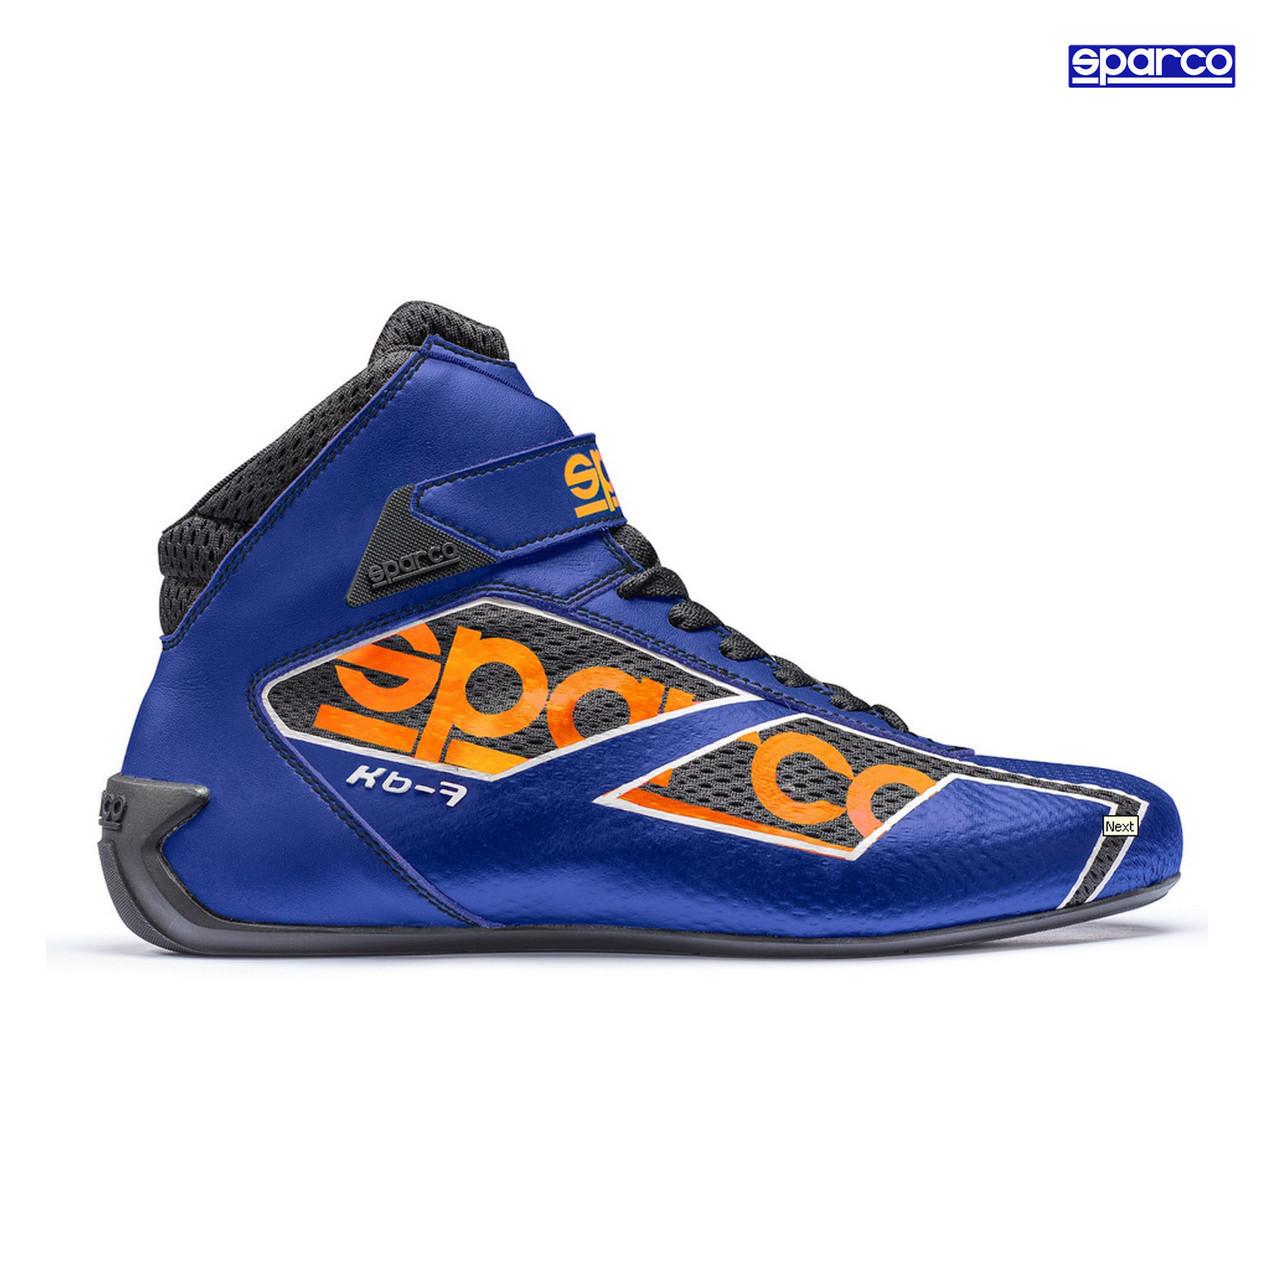 Обувь Кроссовки Sparco KB-7 2015 синие 43 размер